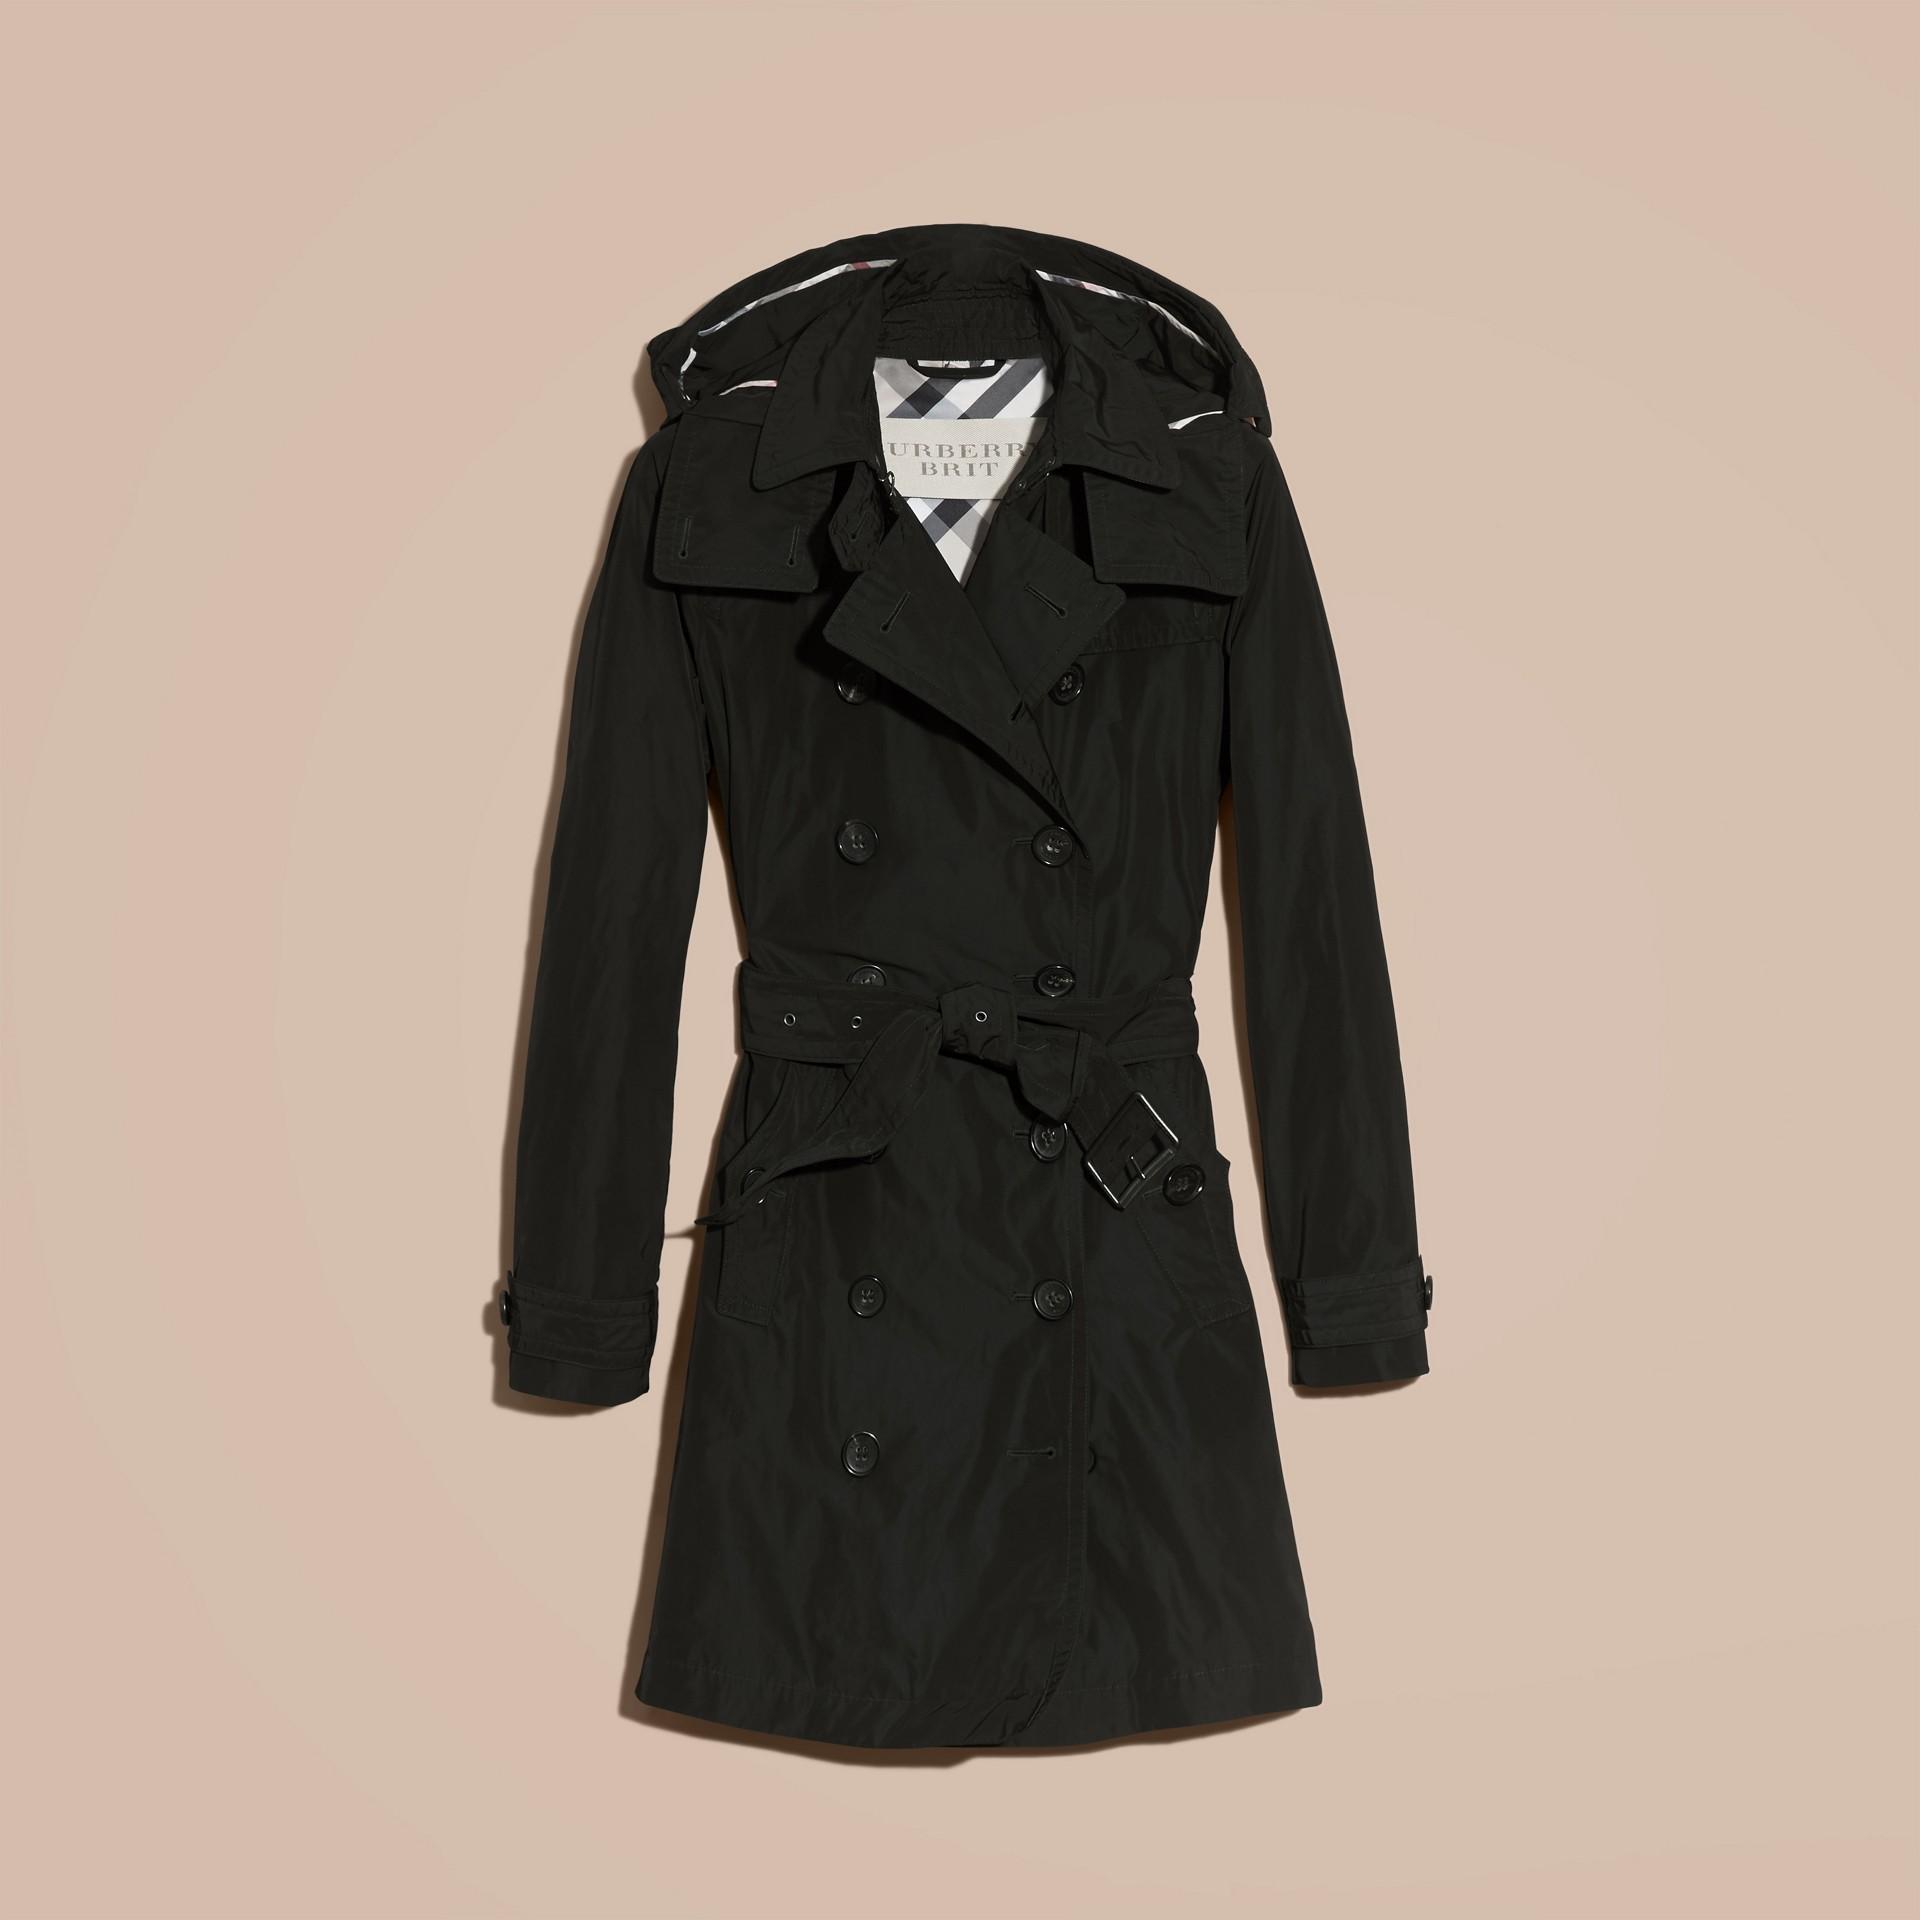 Noir Trench-coat en taffetas à capuche amovible Noir - photo de la galerie 4